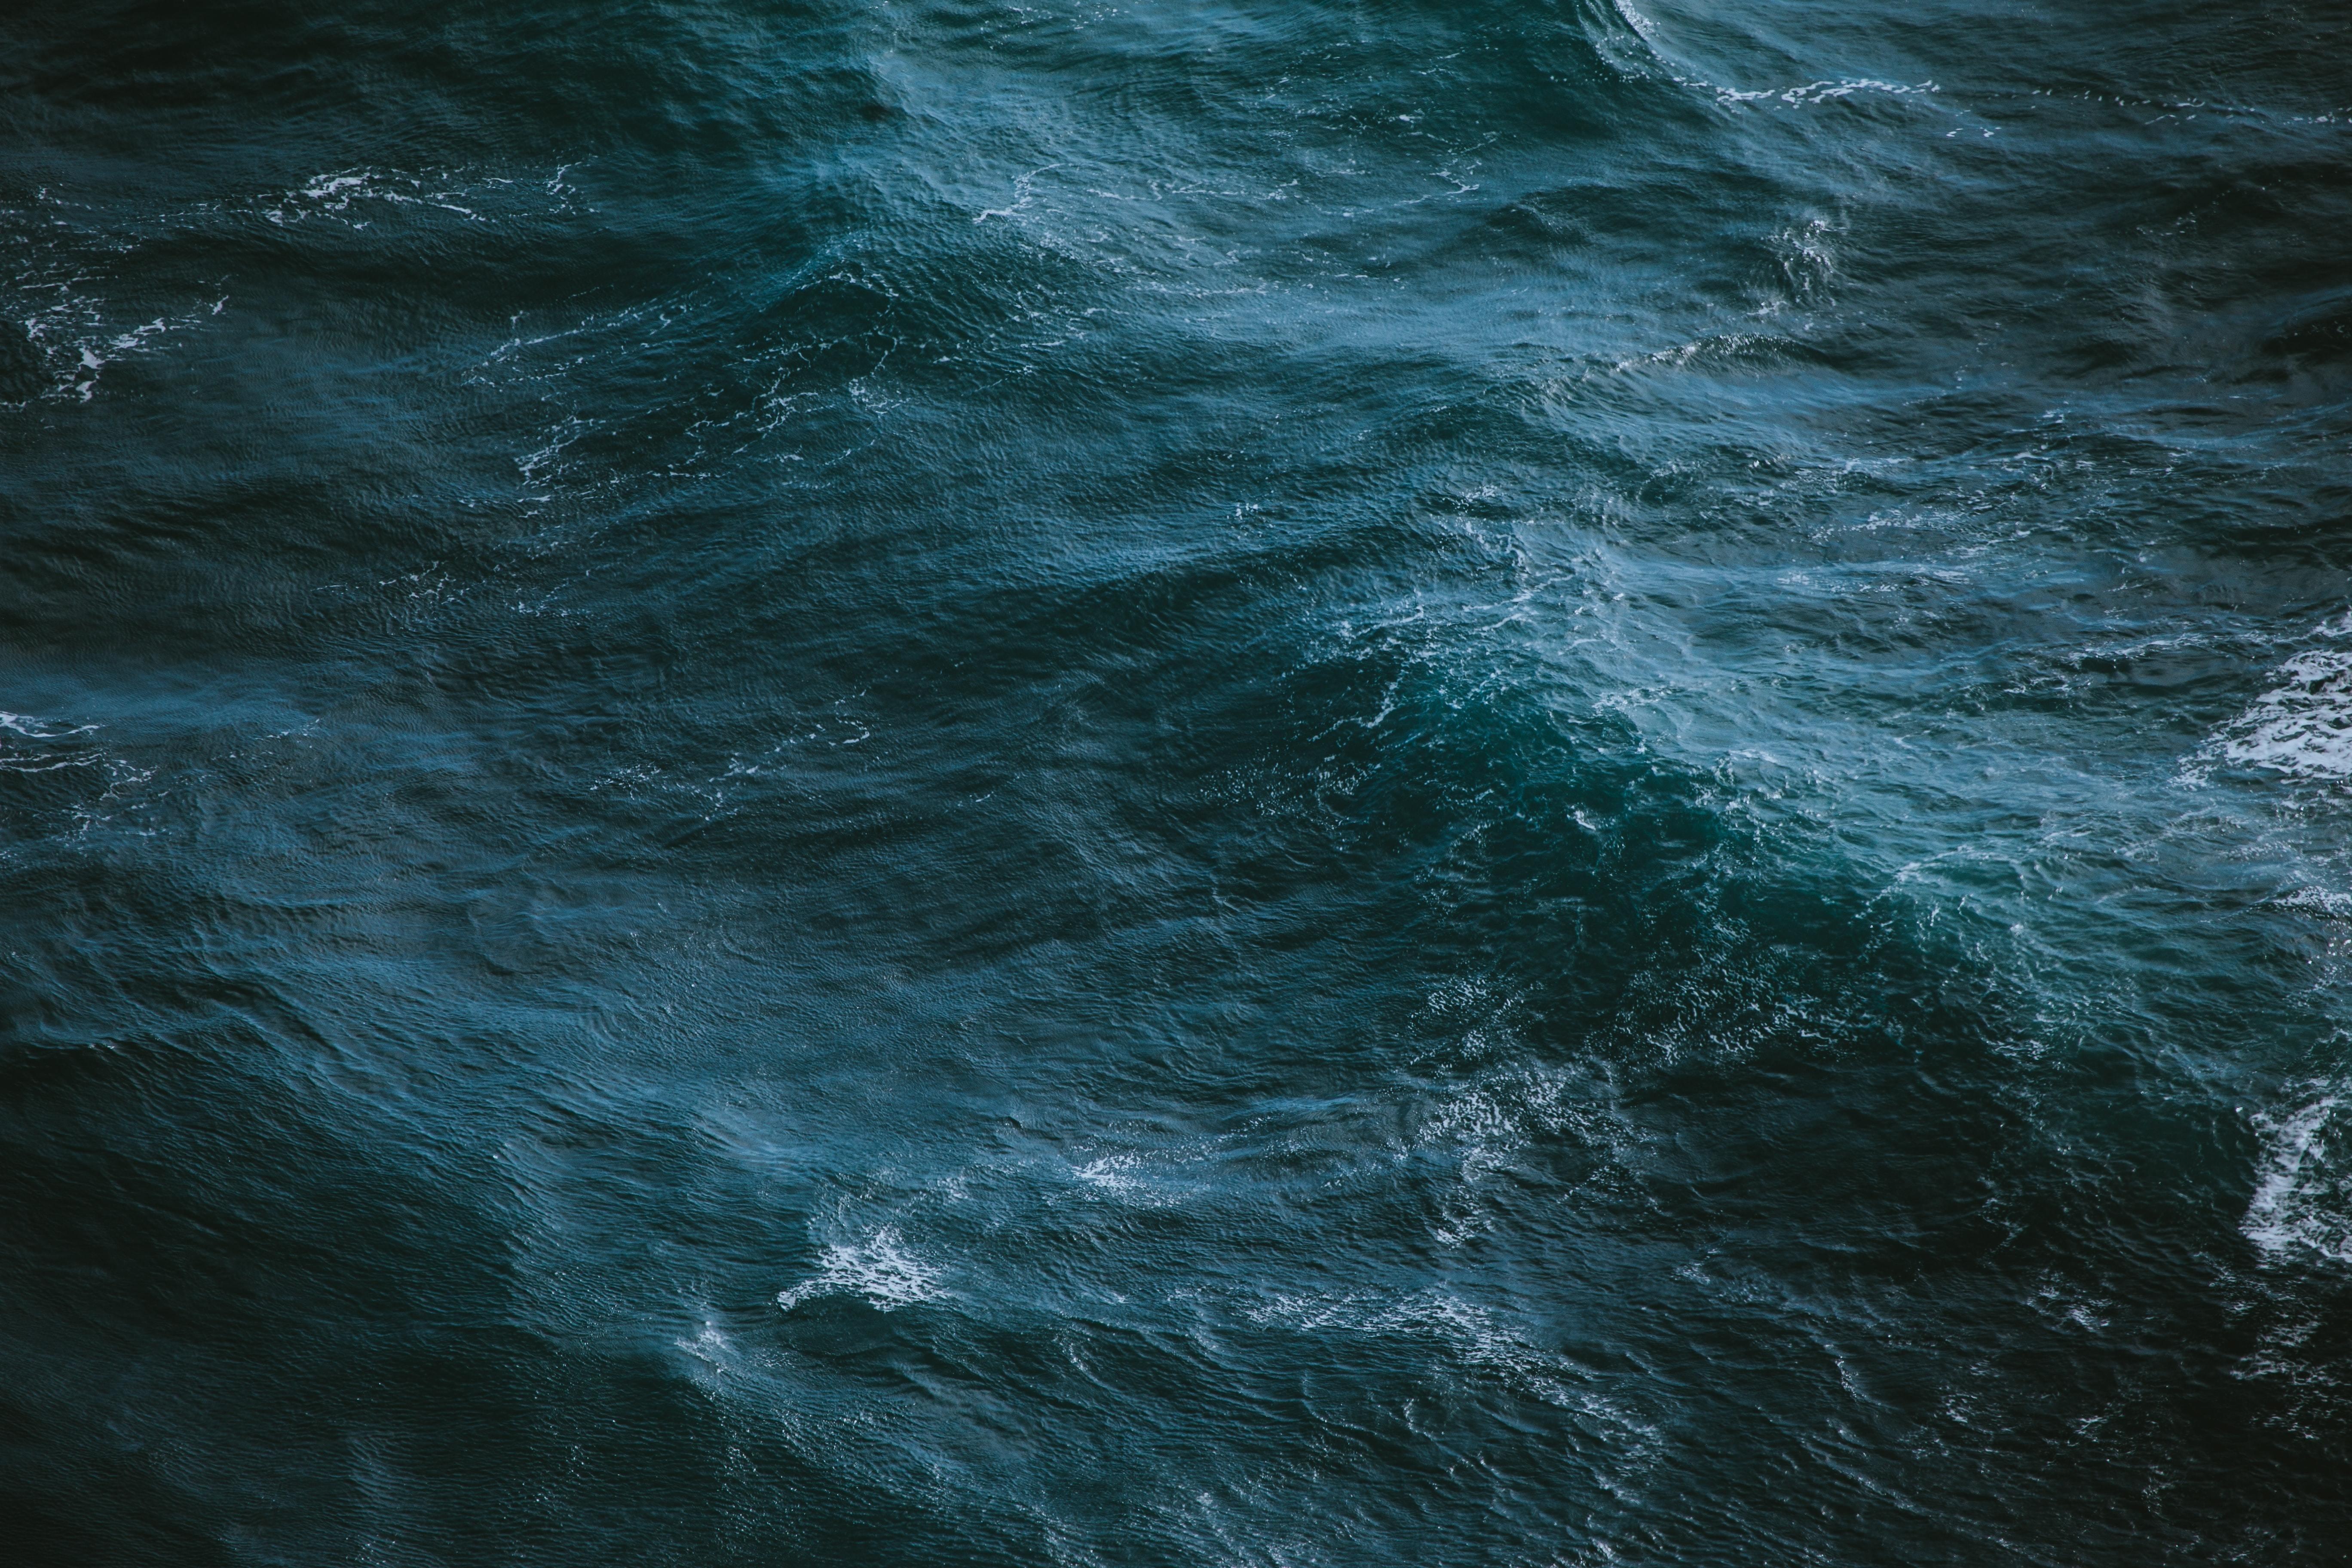 L'impact potentiel de l'exploitation minière sur la biodiversité des grands fonds marins, les habitats en eau profonde et la pêche est toujours à l'étude.